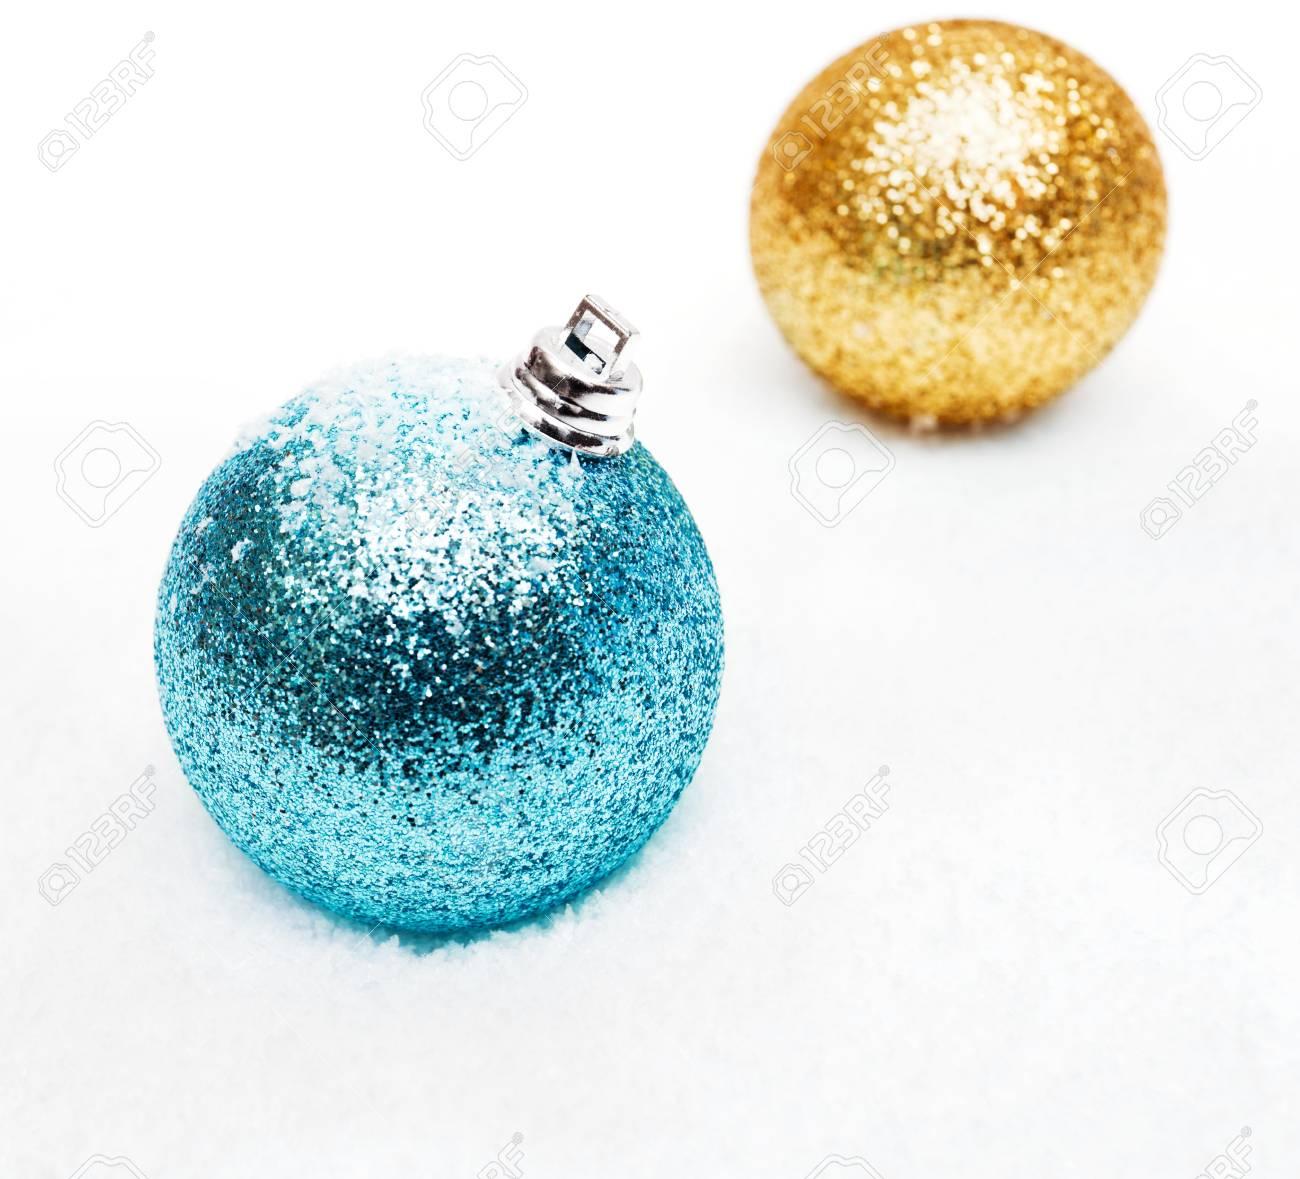 Christmas balls on the snow - 11230967